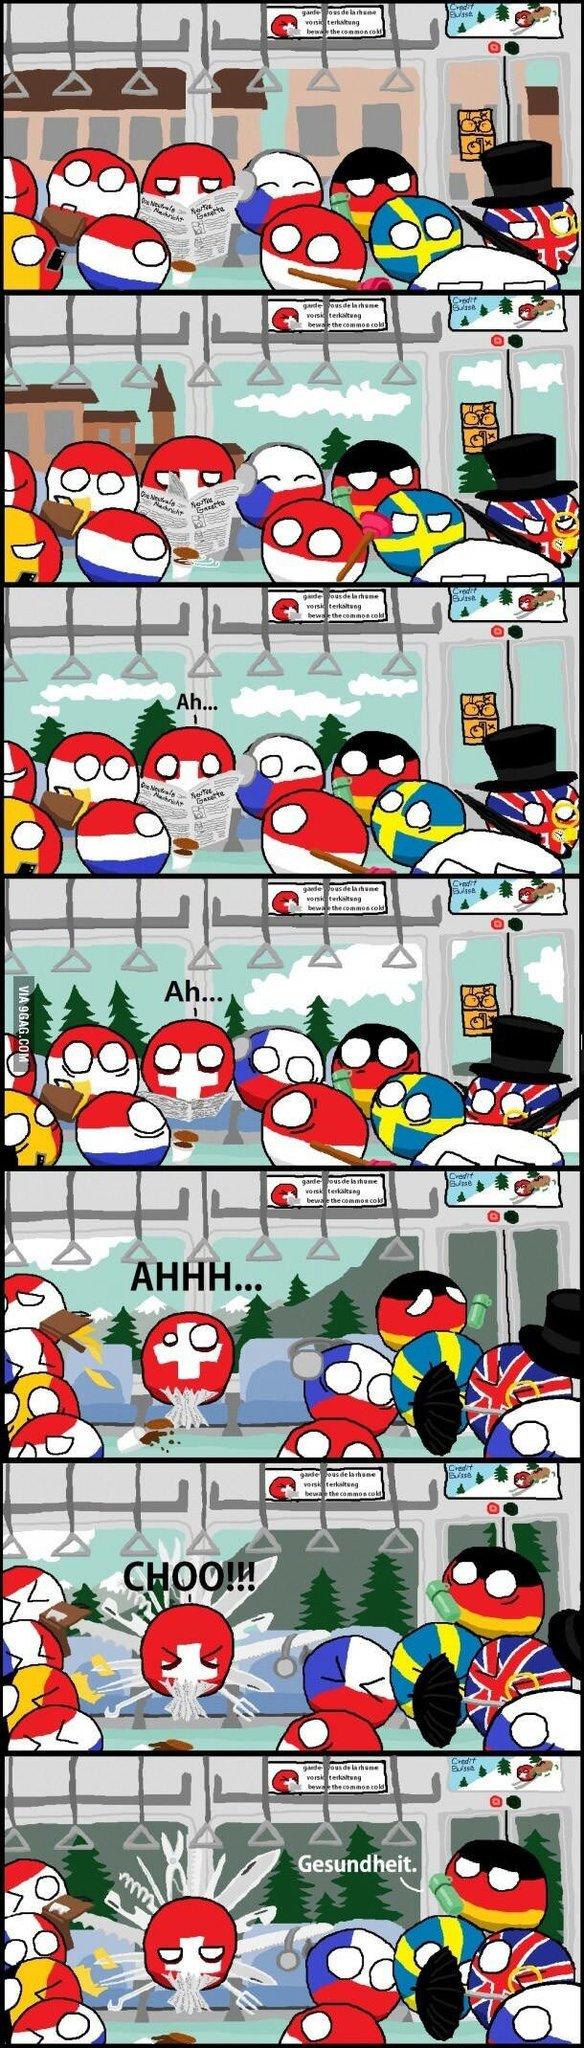 Swiss tools - meme